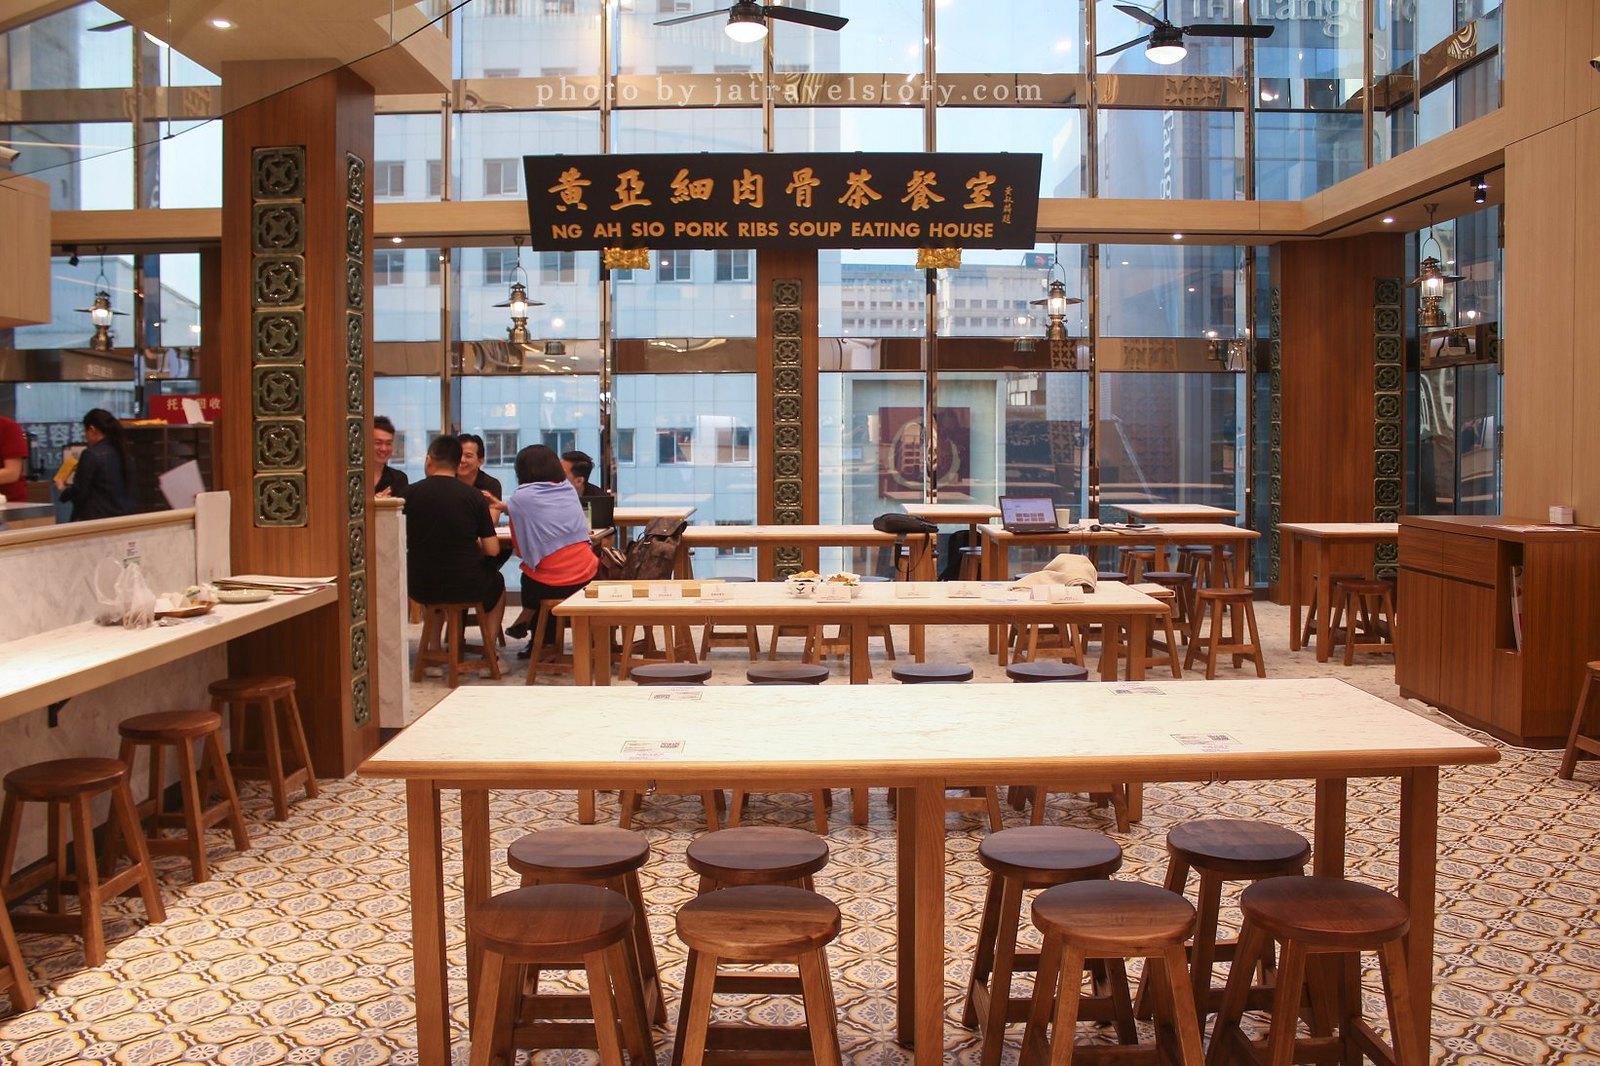 黃亞細肉骨茶(南西店) 內用肉骨茶湯免費加湯喝到飽,新加坡美食推薦【捷運中山站美食】中山商圈美食 @J&A的旅行